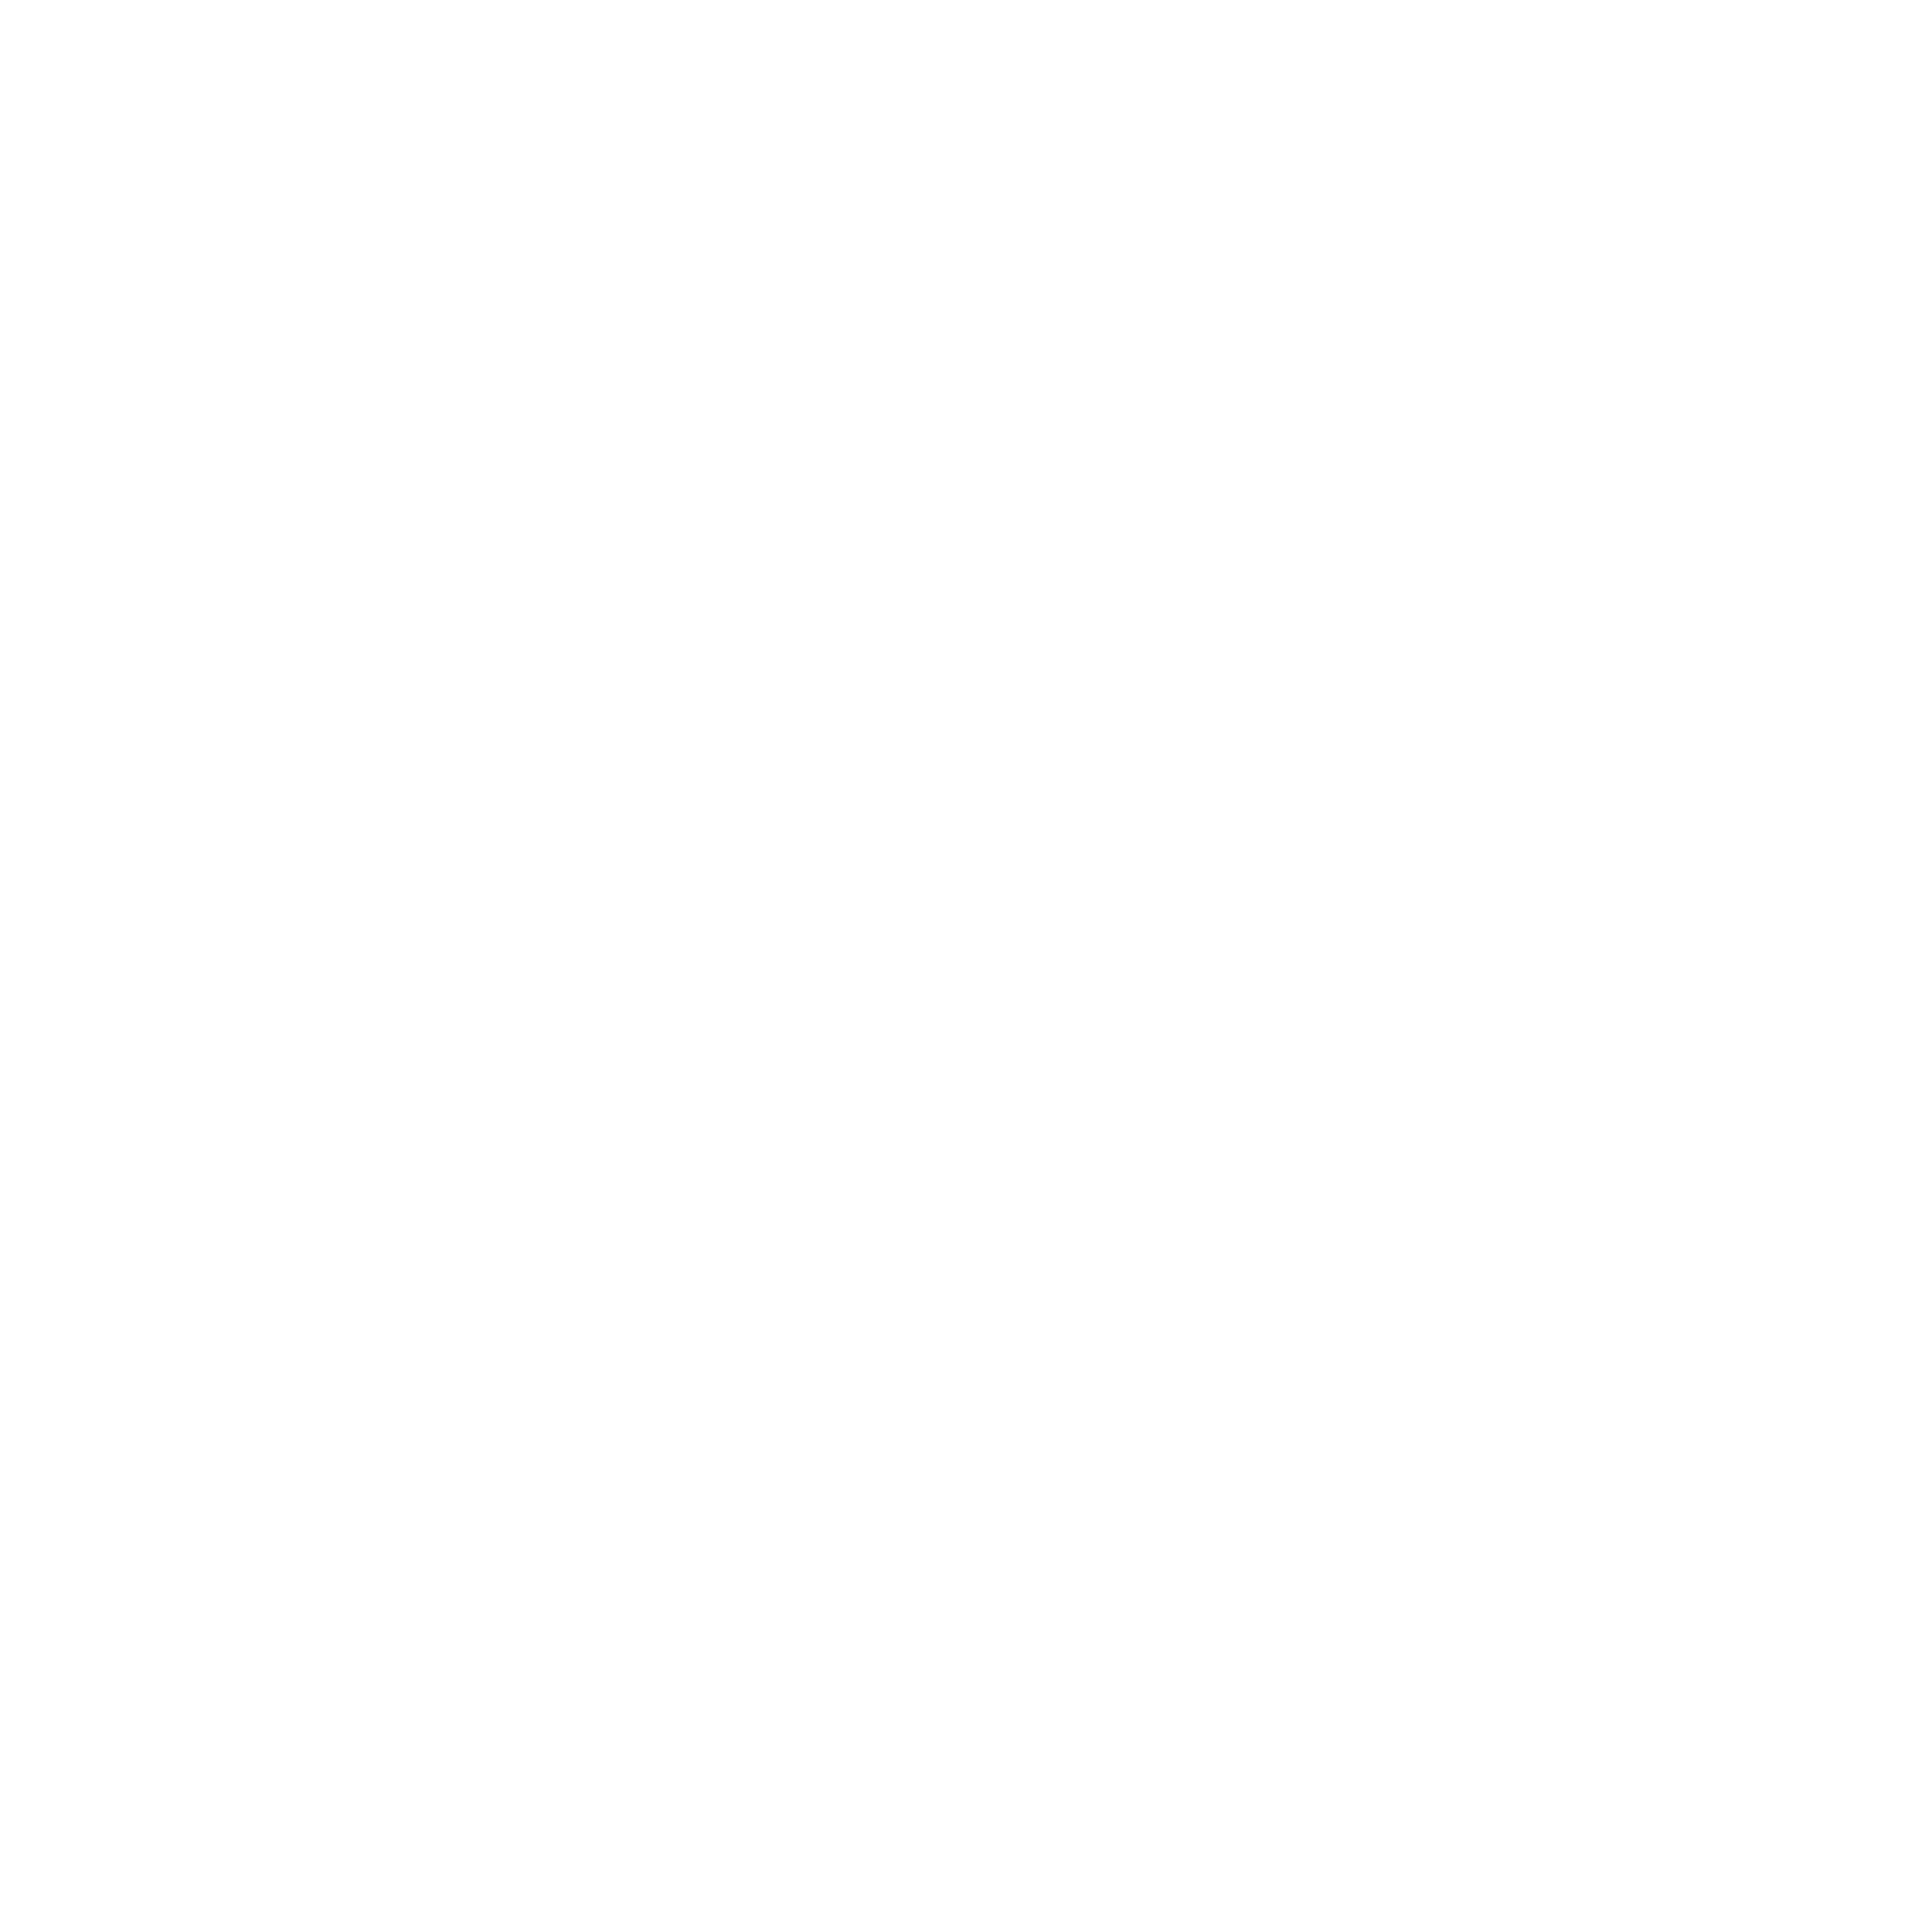 SoS Construct Grup